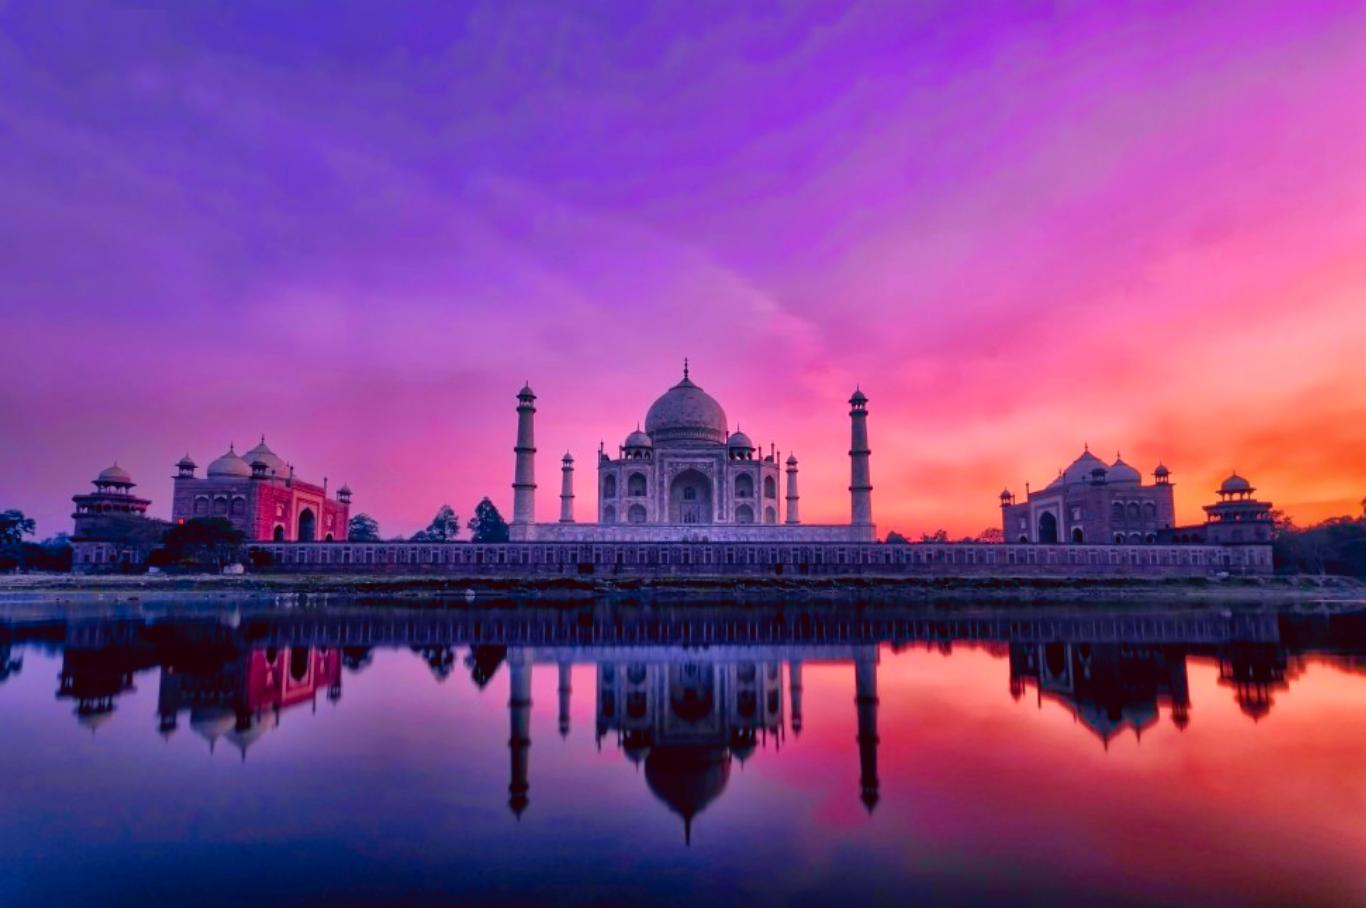 Jours 14 : Agra – Delhi (200 km - 4h de route)